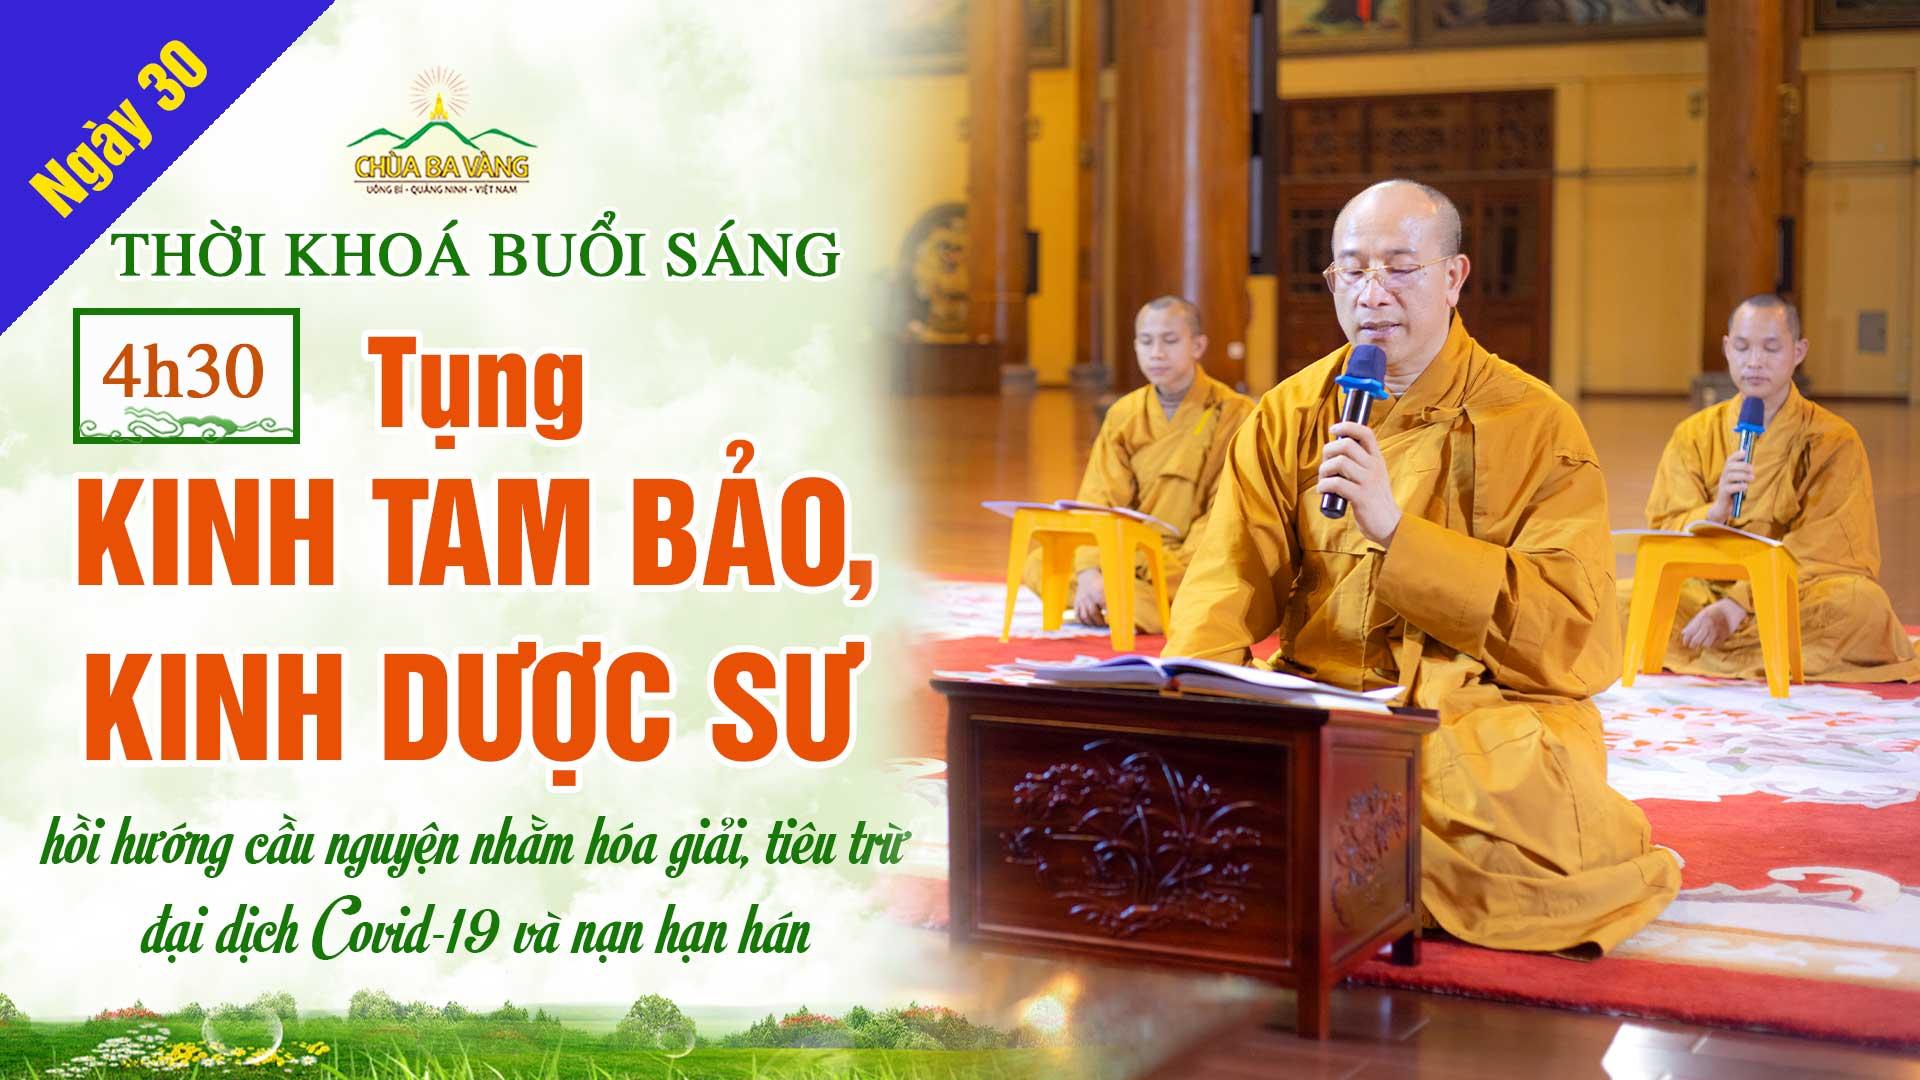 [Ngày 30 – Khóa lễ sáng] Chương trình dành cho Phật tử tu tập tại nhà hồi hướng cầu nguyện nhằm hóa giải, tiêu trừ đại dịch COVID-19 và nạn hạn hán